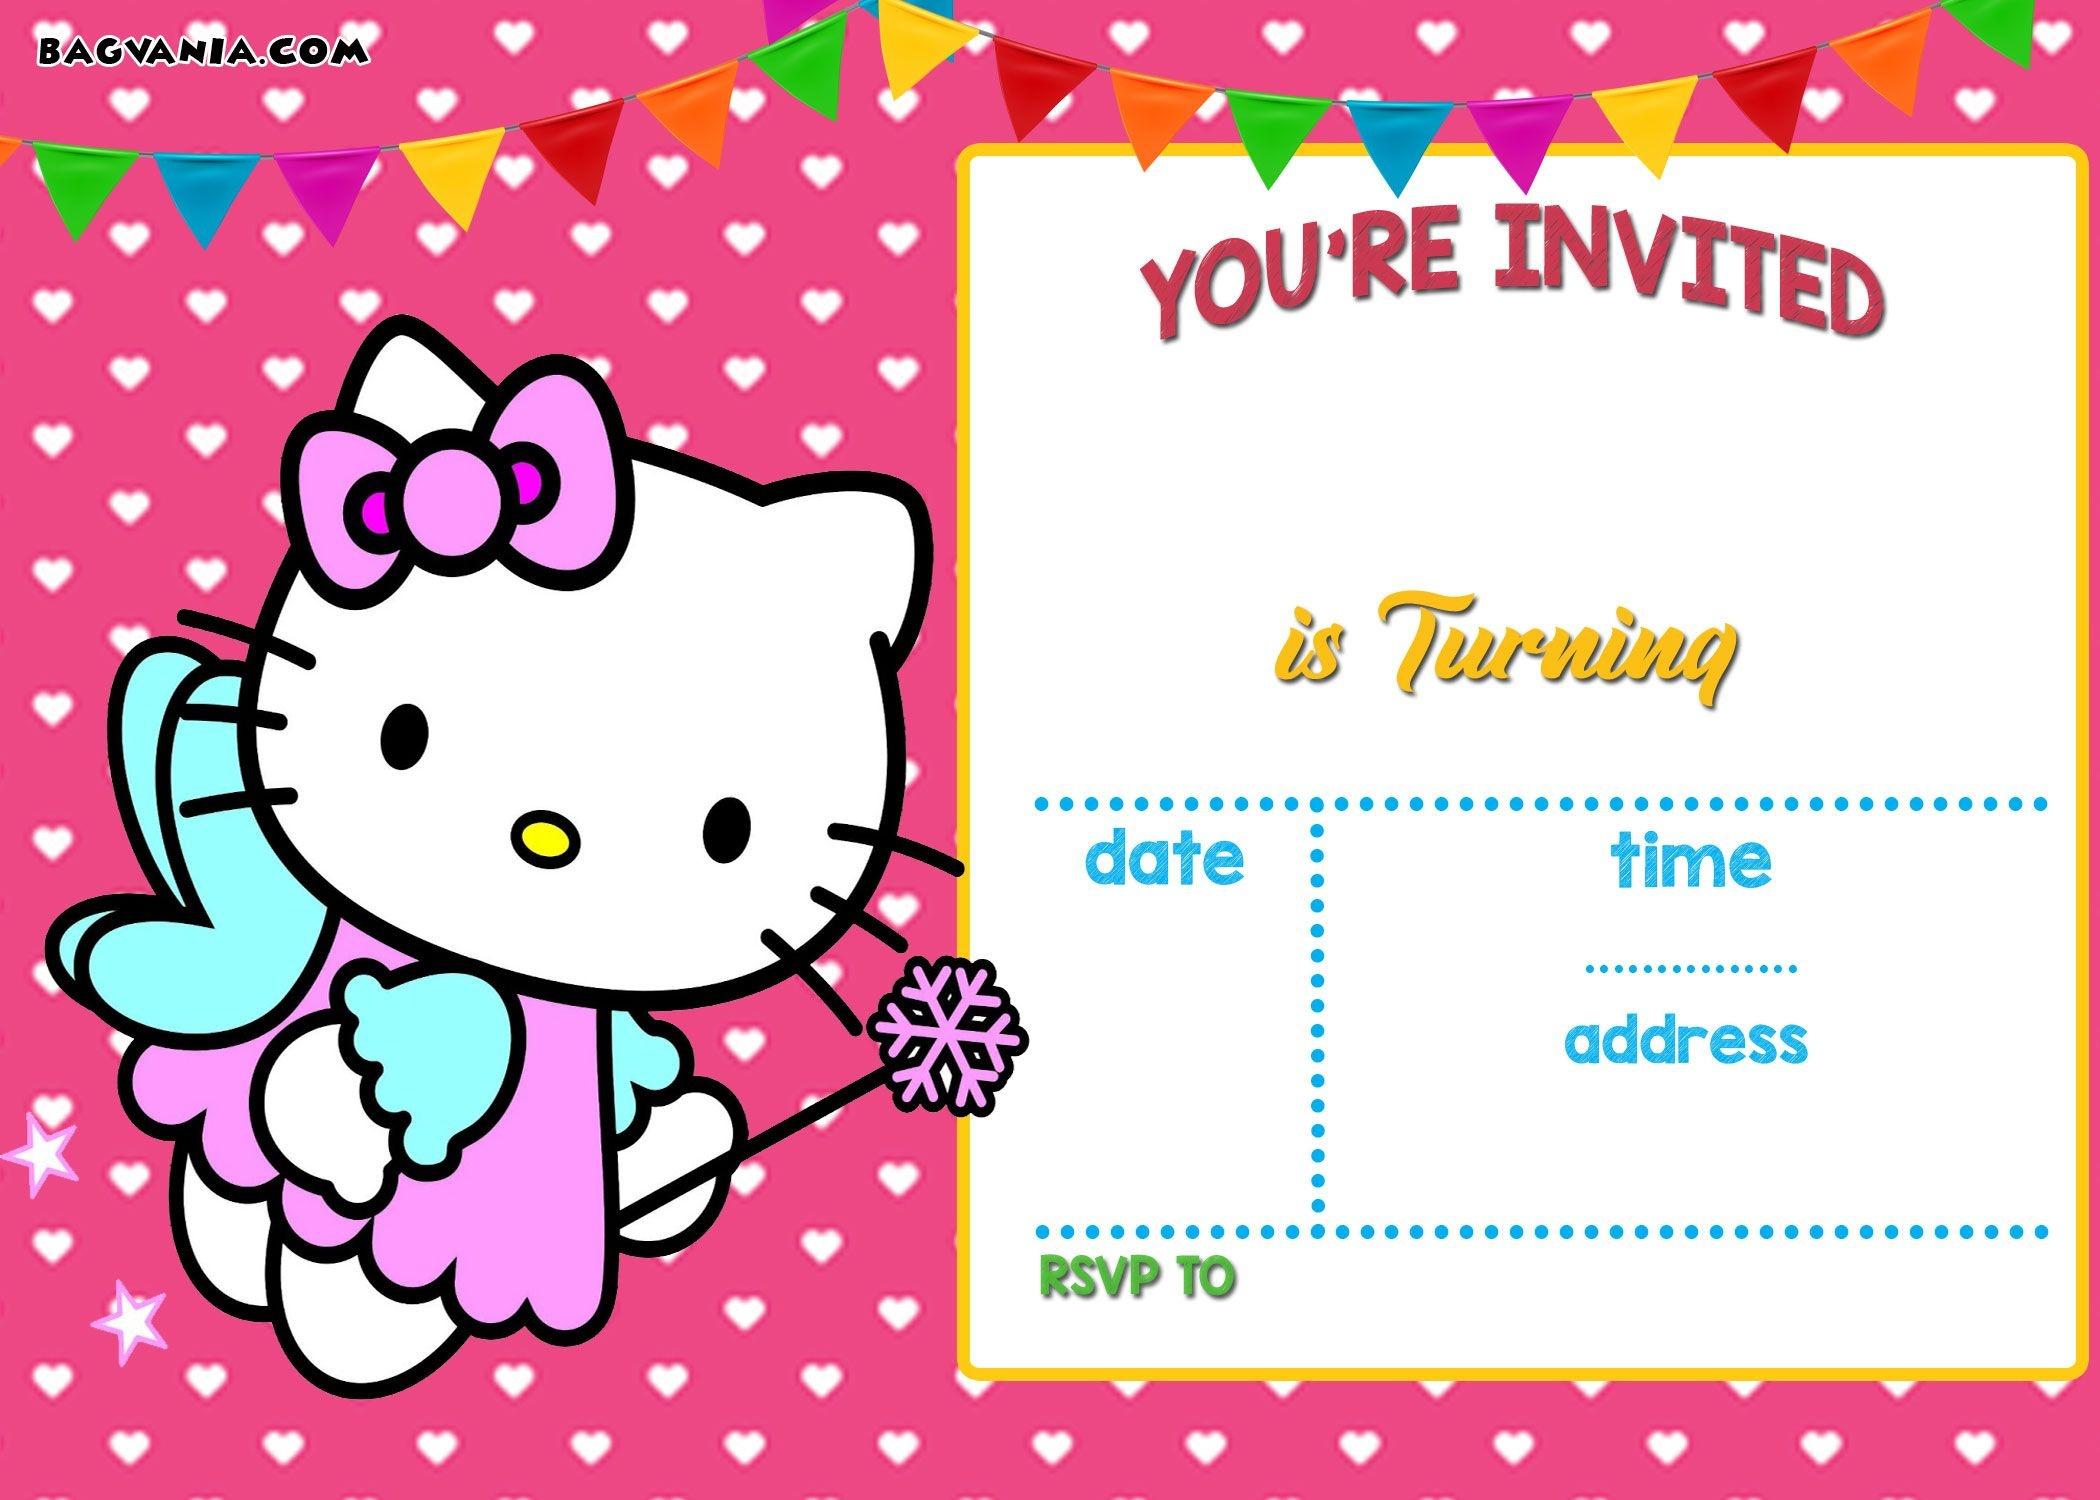 Free Hello Kitty Invitation Templates | Free Printable Birthday - Printable Invitations Free No Download